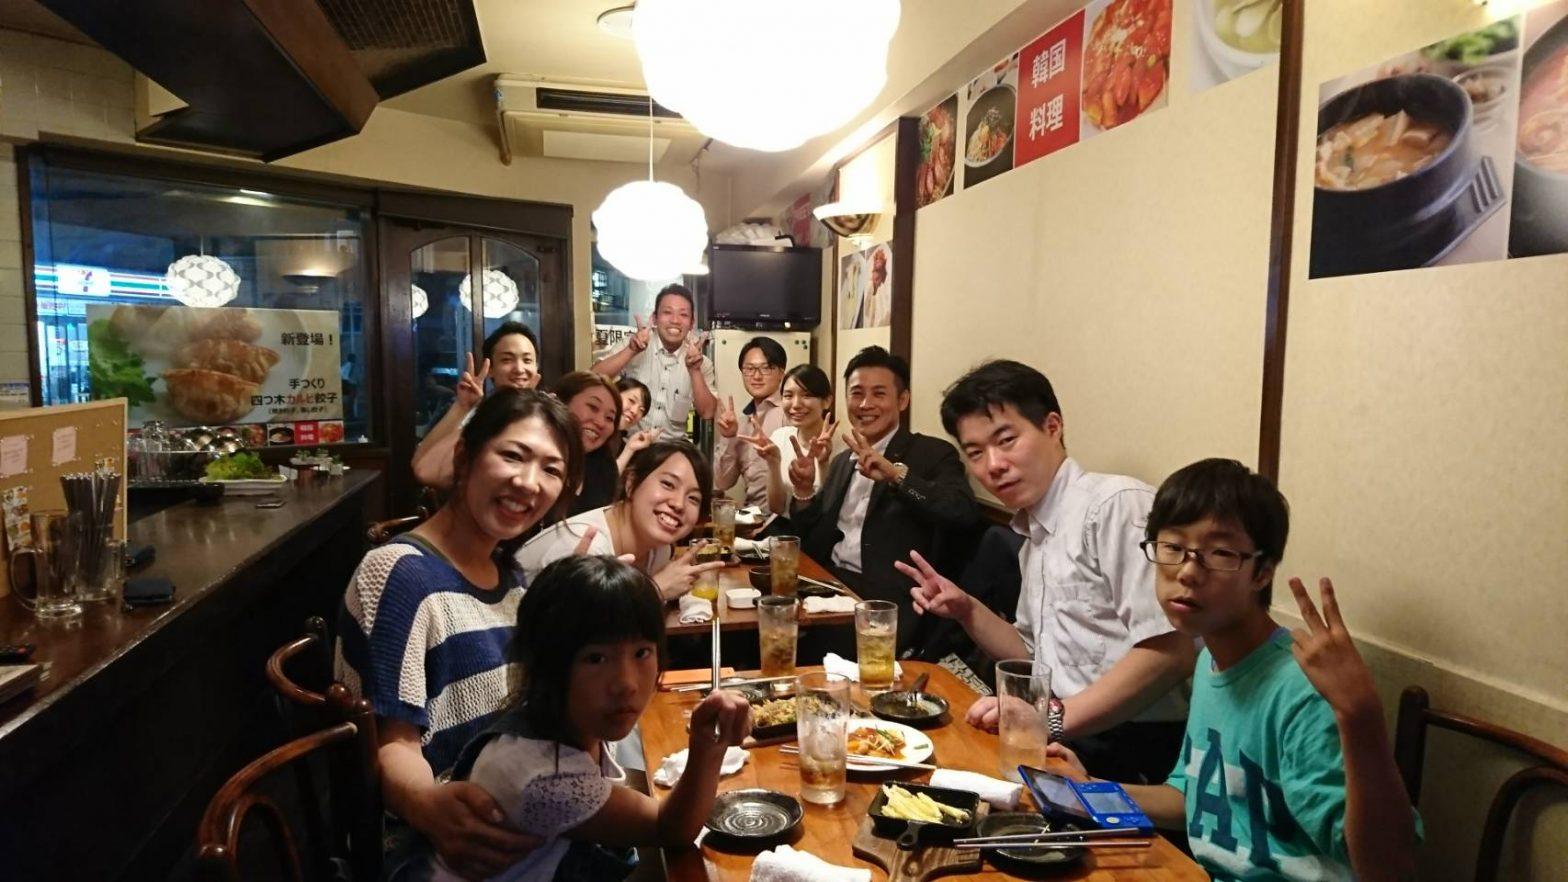 5.6月 東京営業所祝達成会&7月誕生日会